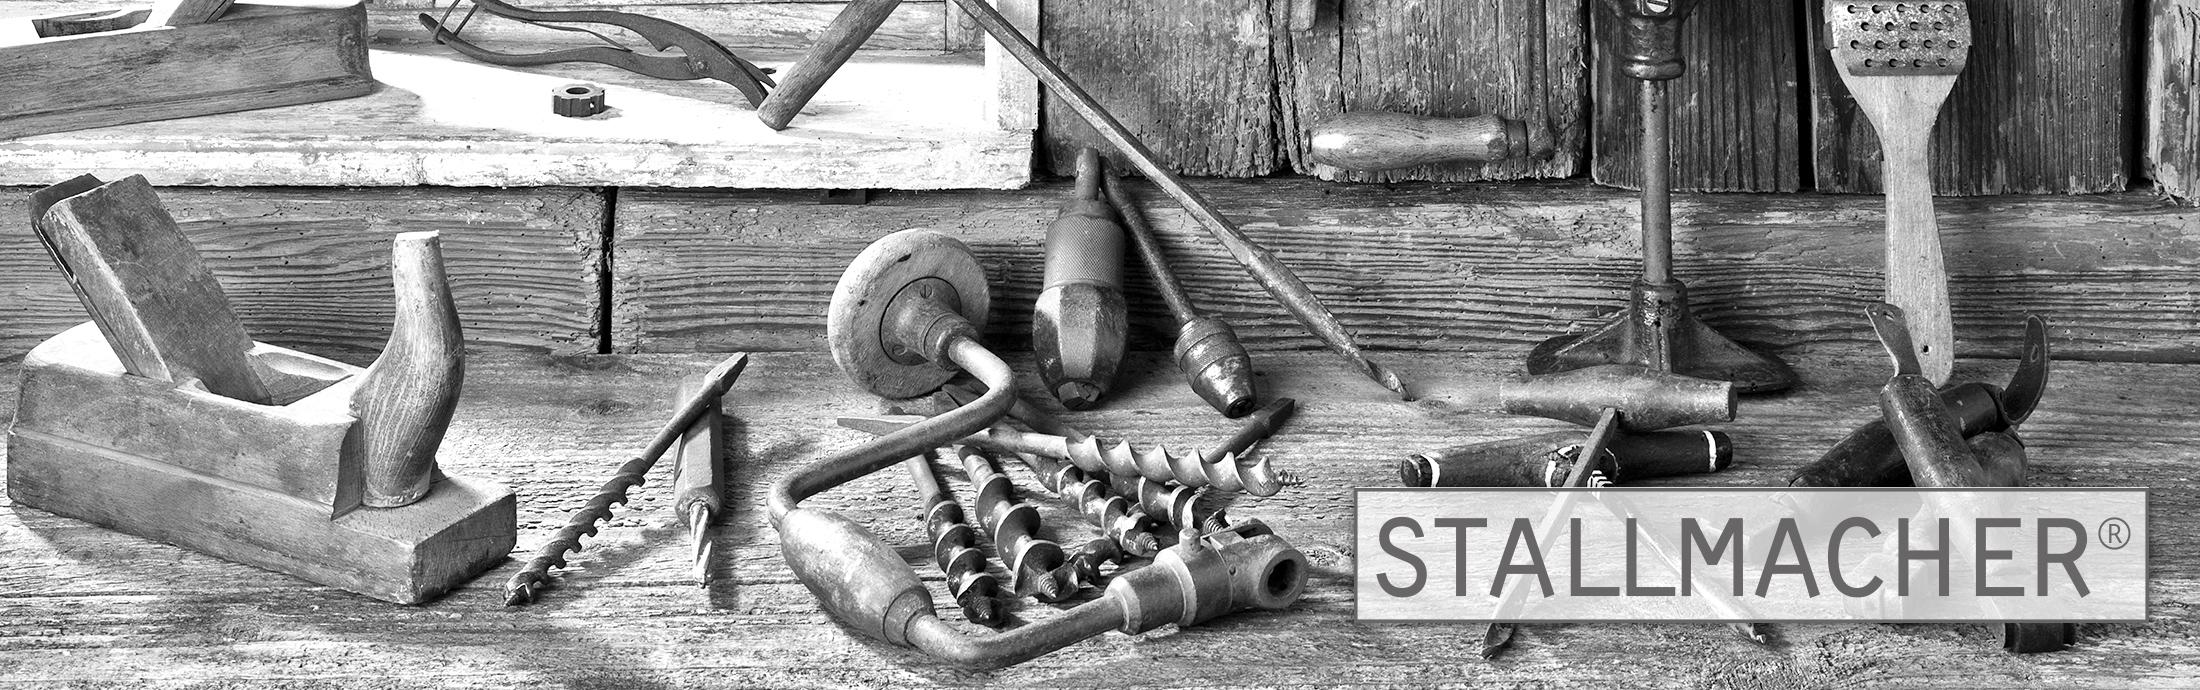 STALLMACHER®-Produkte nachhaltig aus Holz